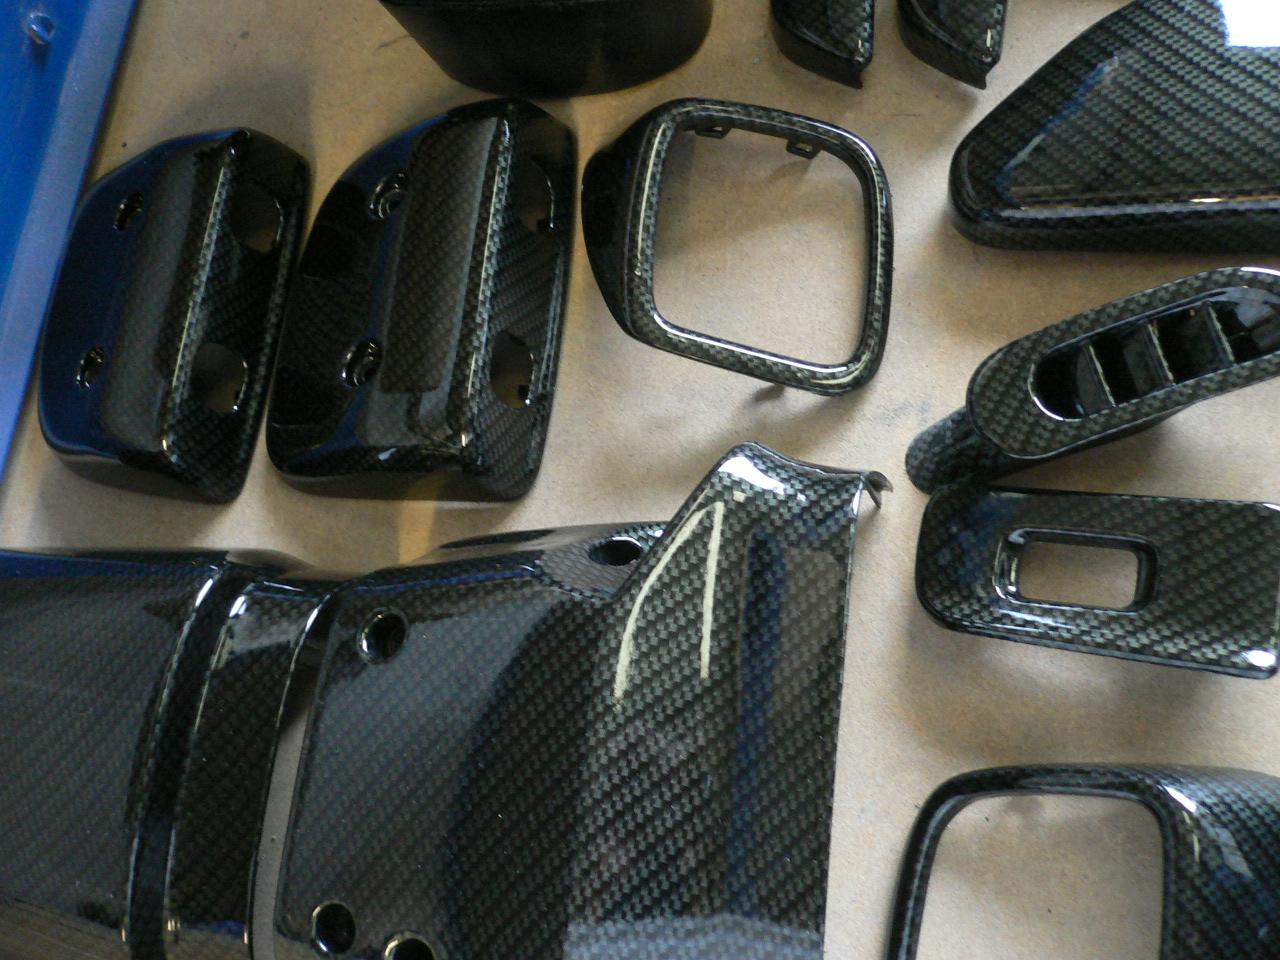 nissan dash parts in carbon dip. Black Bedroom Furniture Sets. Home Design Ideas